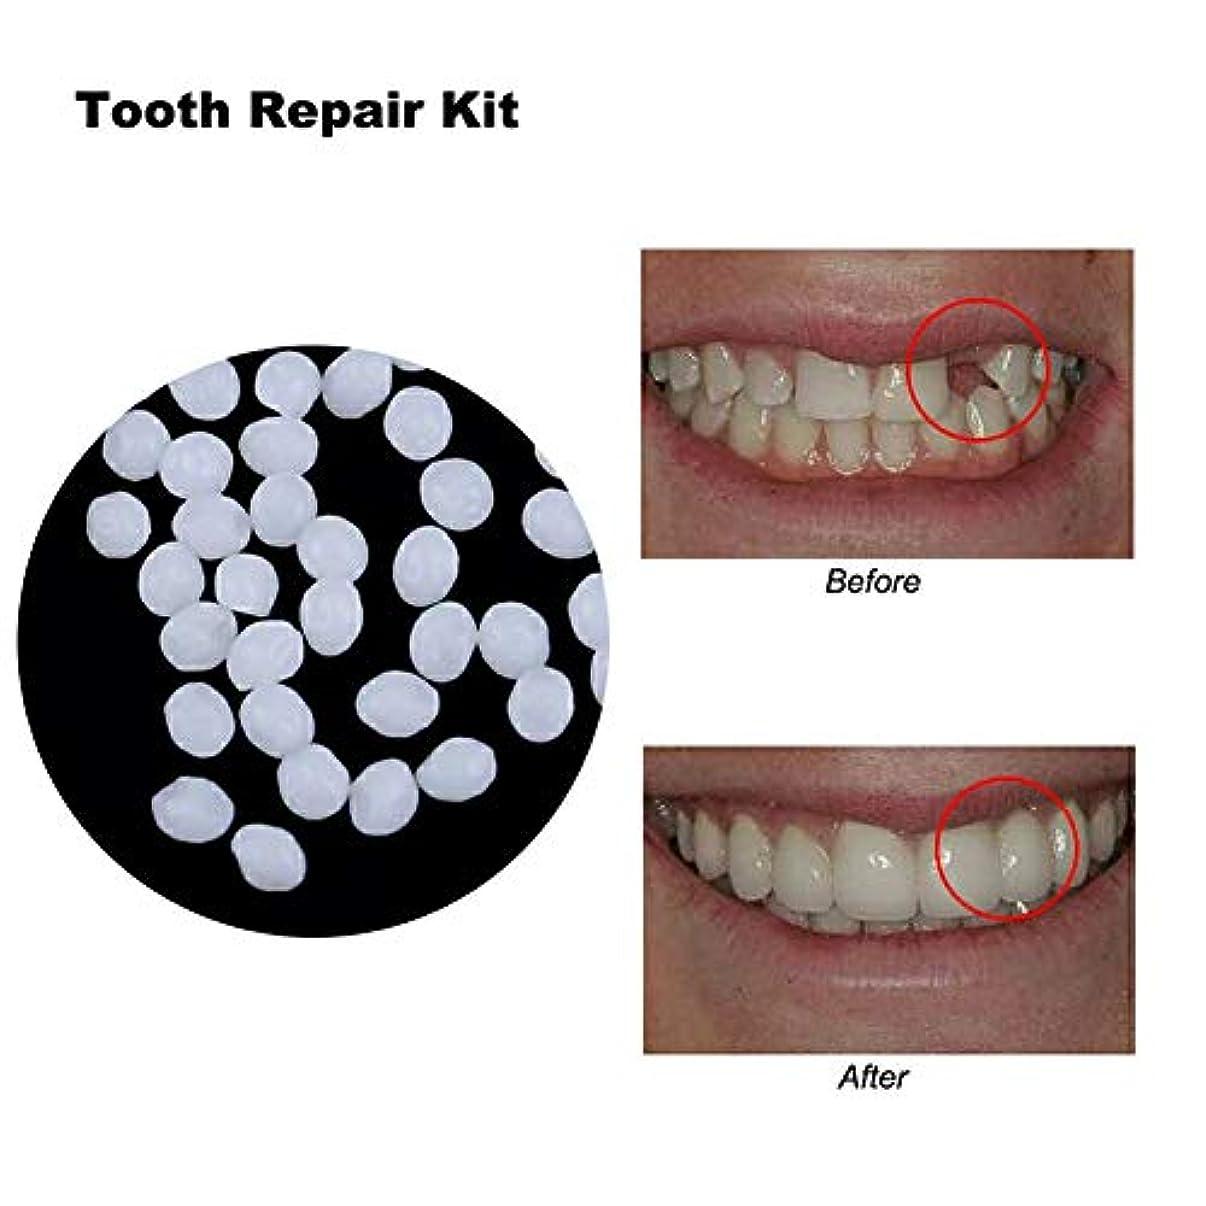 甥ヘッジ気取らない偽歯固体接着剤、樹脂の歯とギャップのための一時的な化粧品の歯の修復キットクリエイティブ義歯接着剤,20ml20g